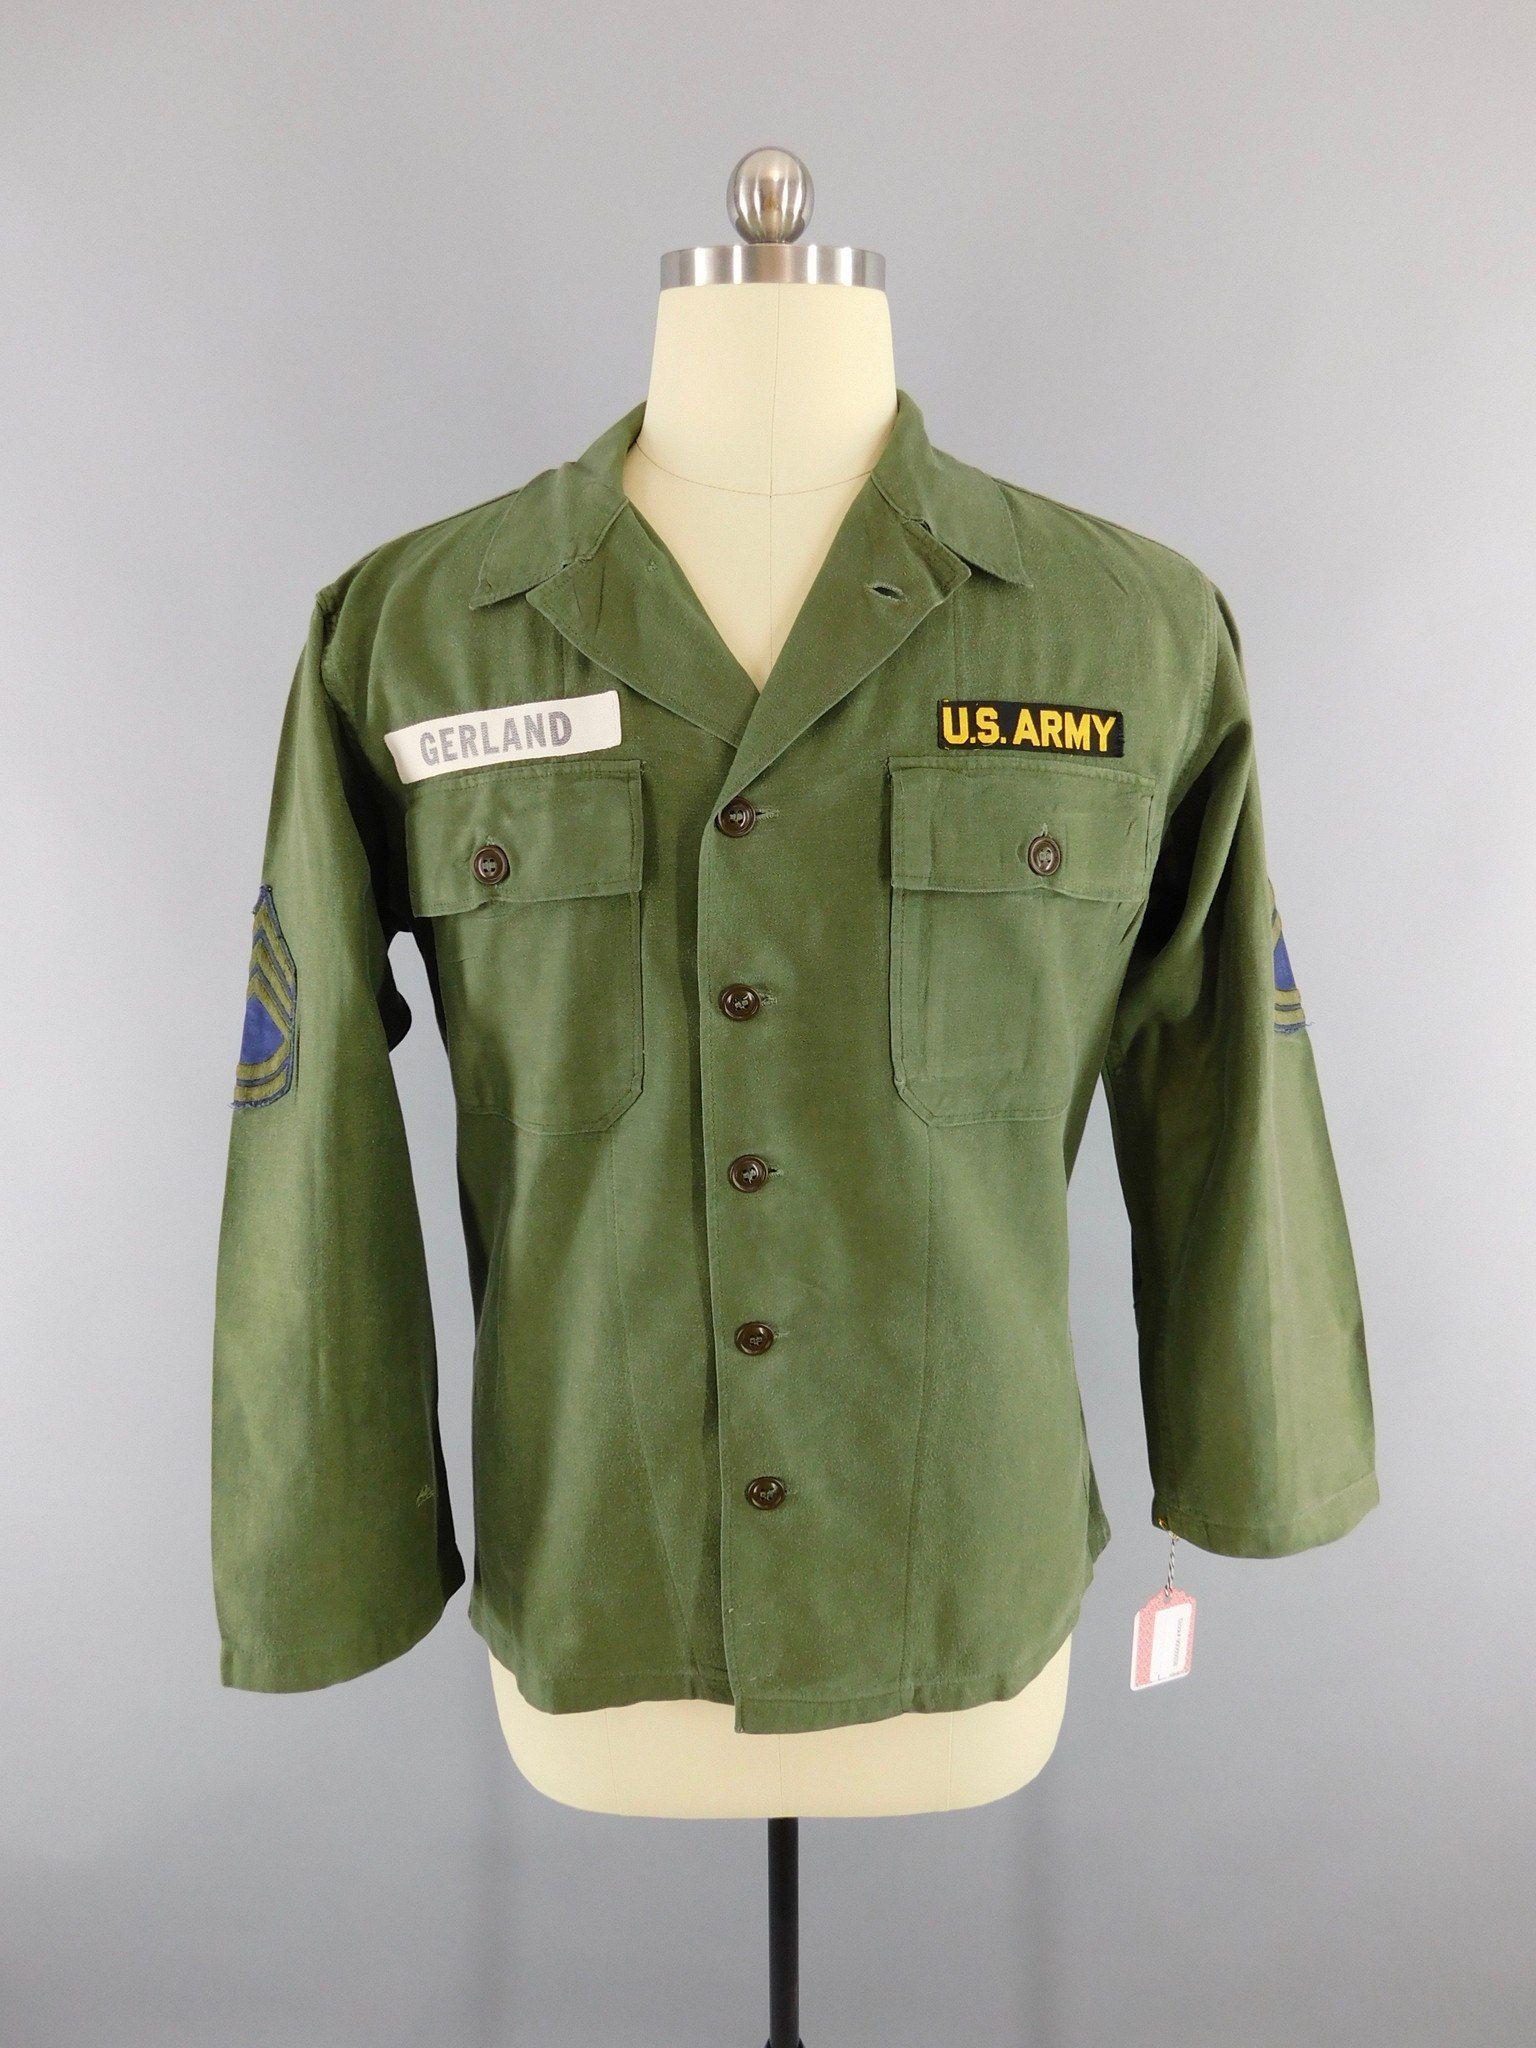 6efd17238 Vintage 1960s Army Shirt   Vietnam War Issue Field Shirt